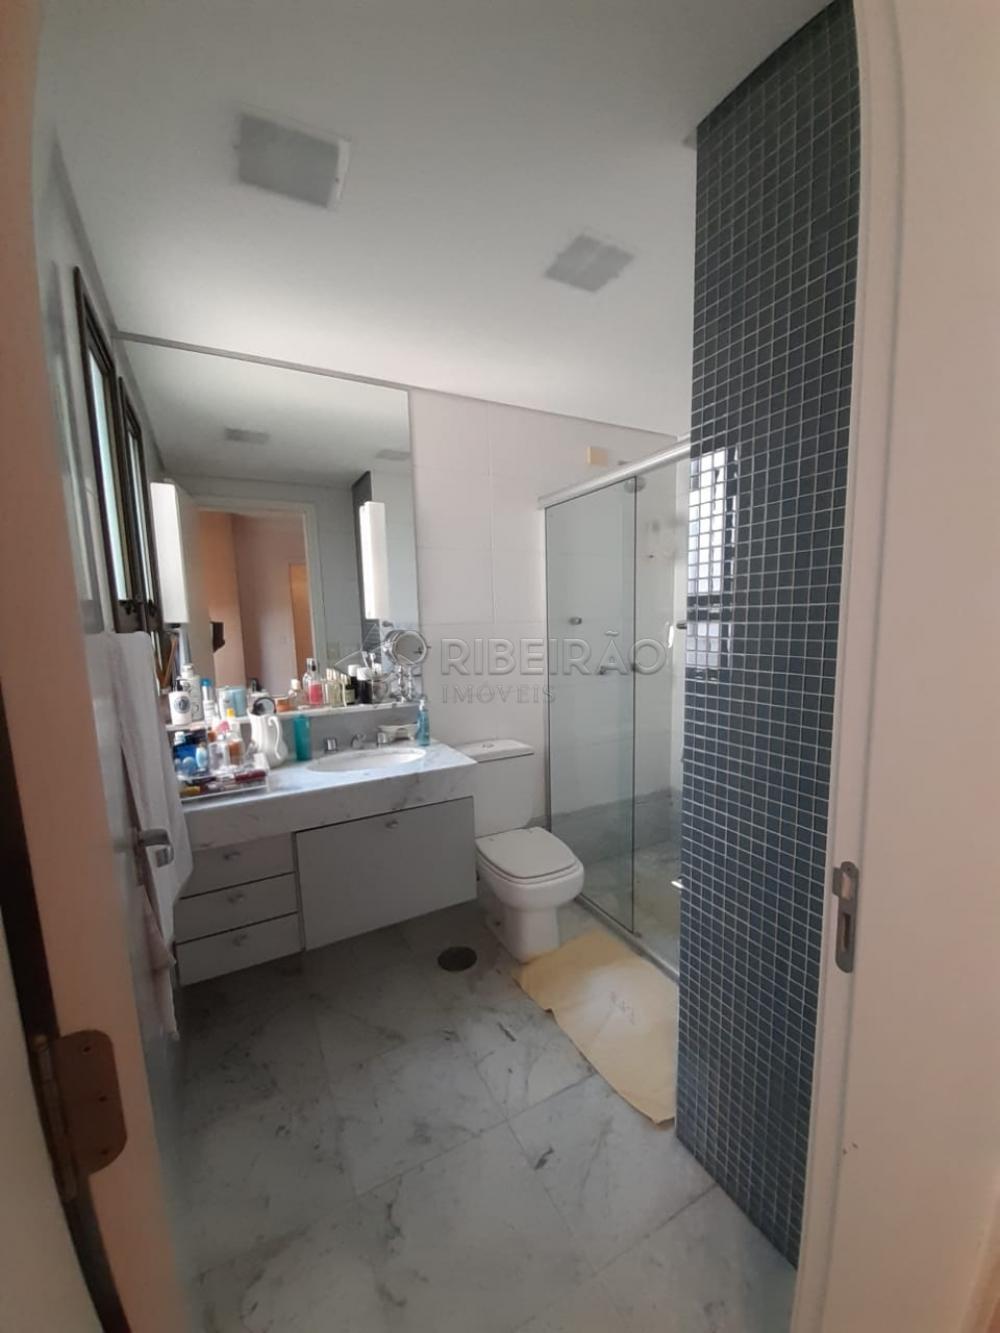 Comprar Apartamento / Padrão em Ribeirão Preto apenas R$ 1.400.000,00 - Foto 24